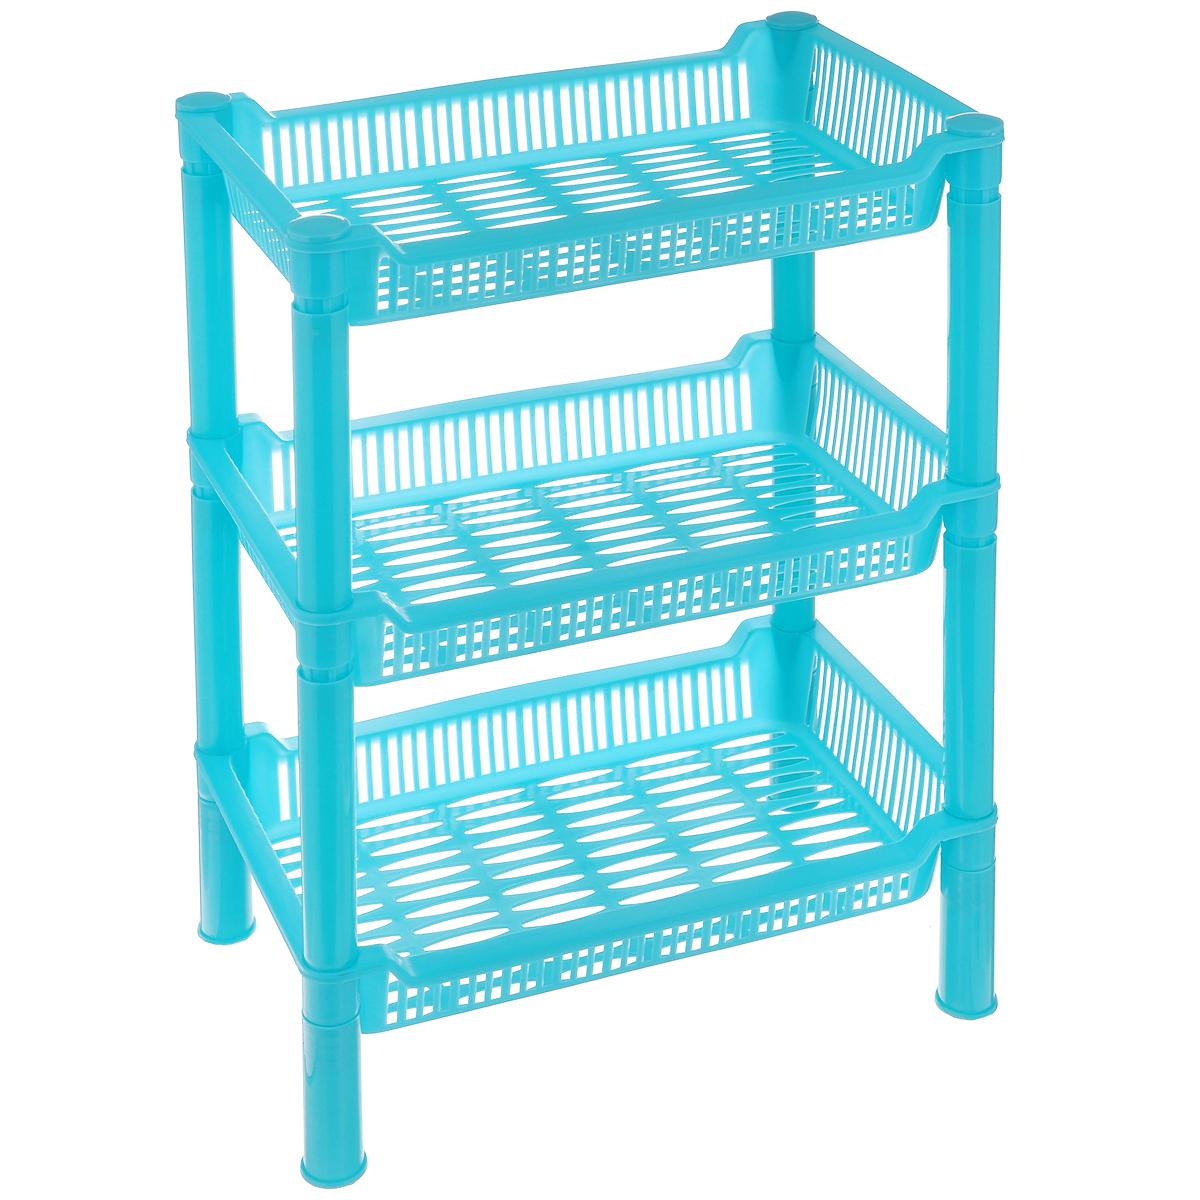 Этажерка Sima-land, 3-ярусная, цвет: голубой, 27 х 17 х 27 см862515_голубойКомпактная этажерка Sima-land выполнена из высококачественногопластика. Содержит 3 корзины с перфорированным дном и стенками. Этажеркаподходит для хранения различных фруктов и овощей на кухне или различныхпринадлежностей в ванной комнате. Очень удобная и компактная, но в тоже время вместительная, такая этажеркапрекрасно впишется в интерьер любой кухни или ванной комнаты. Она поможетлегко организовать пространство. Легко собирается и разбирается.Размер этажерки (ДхШхВ): 27 см х 17 см х 27 см.Размер яруса (ДхШхВ): 27 см х 17 см х 4,5 см.